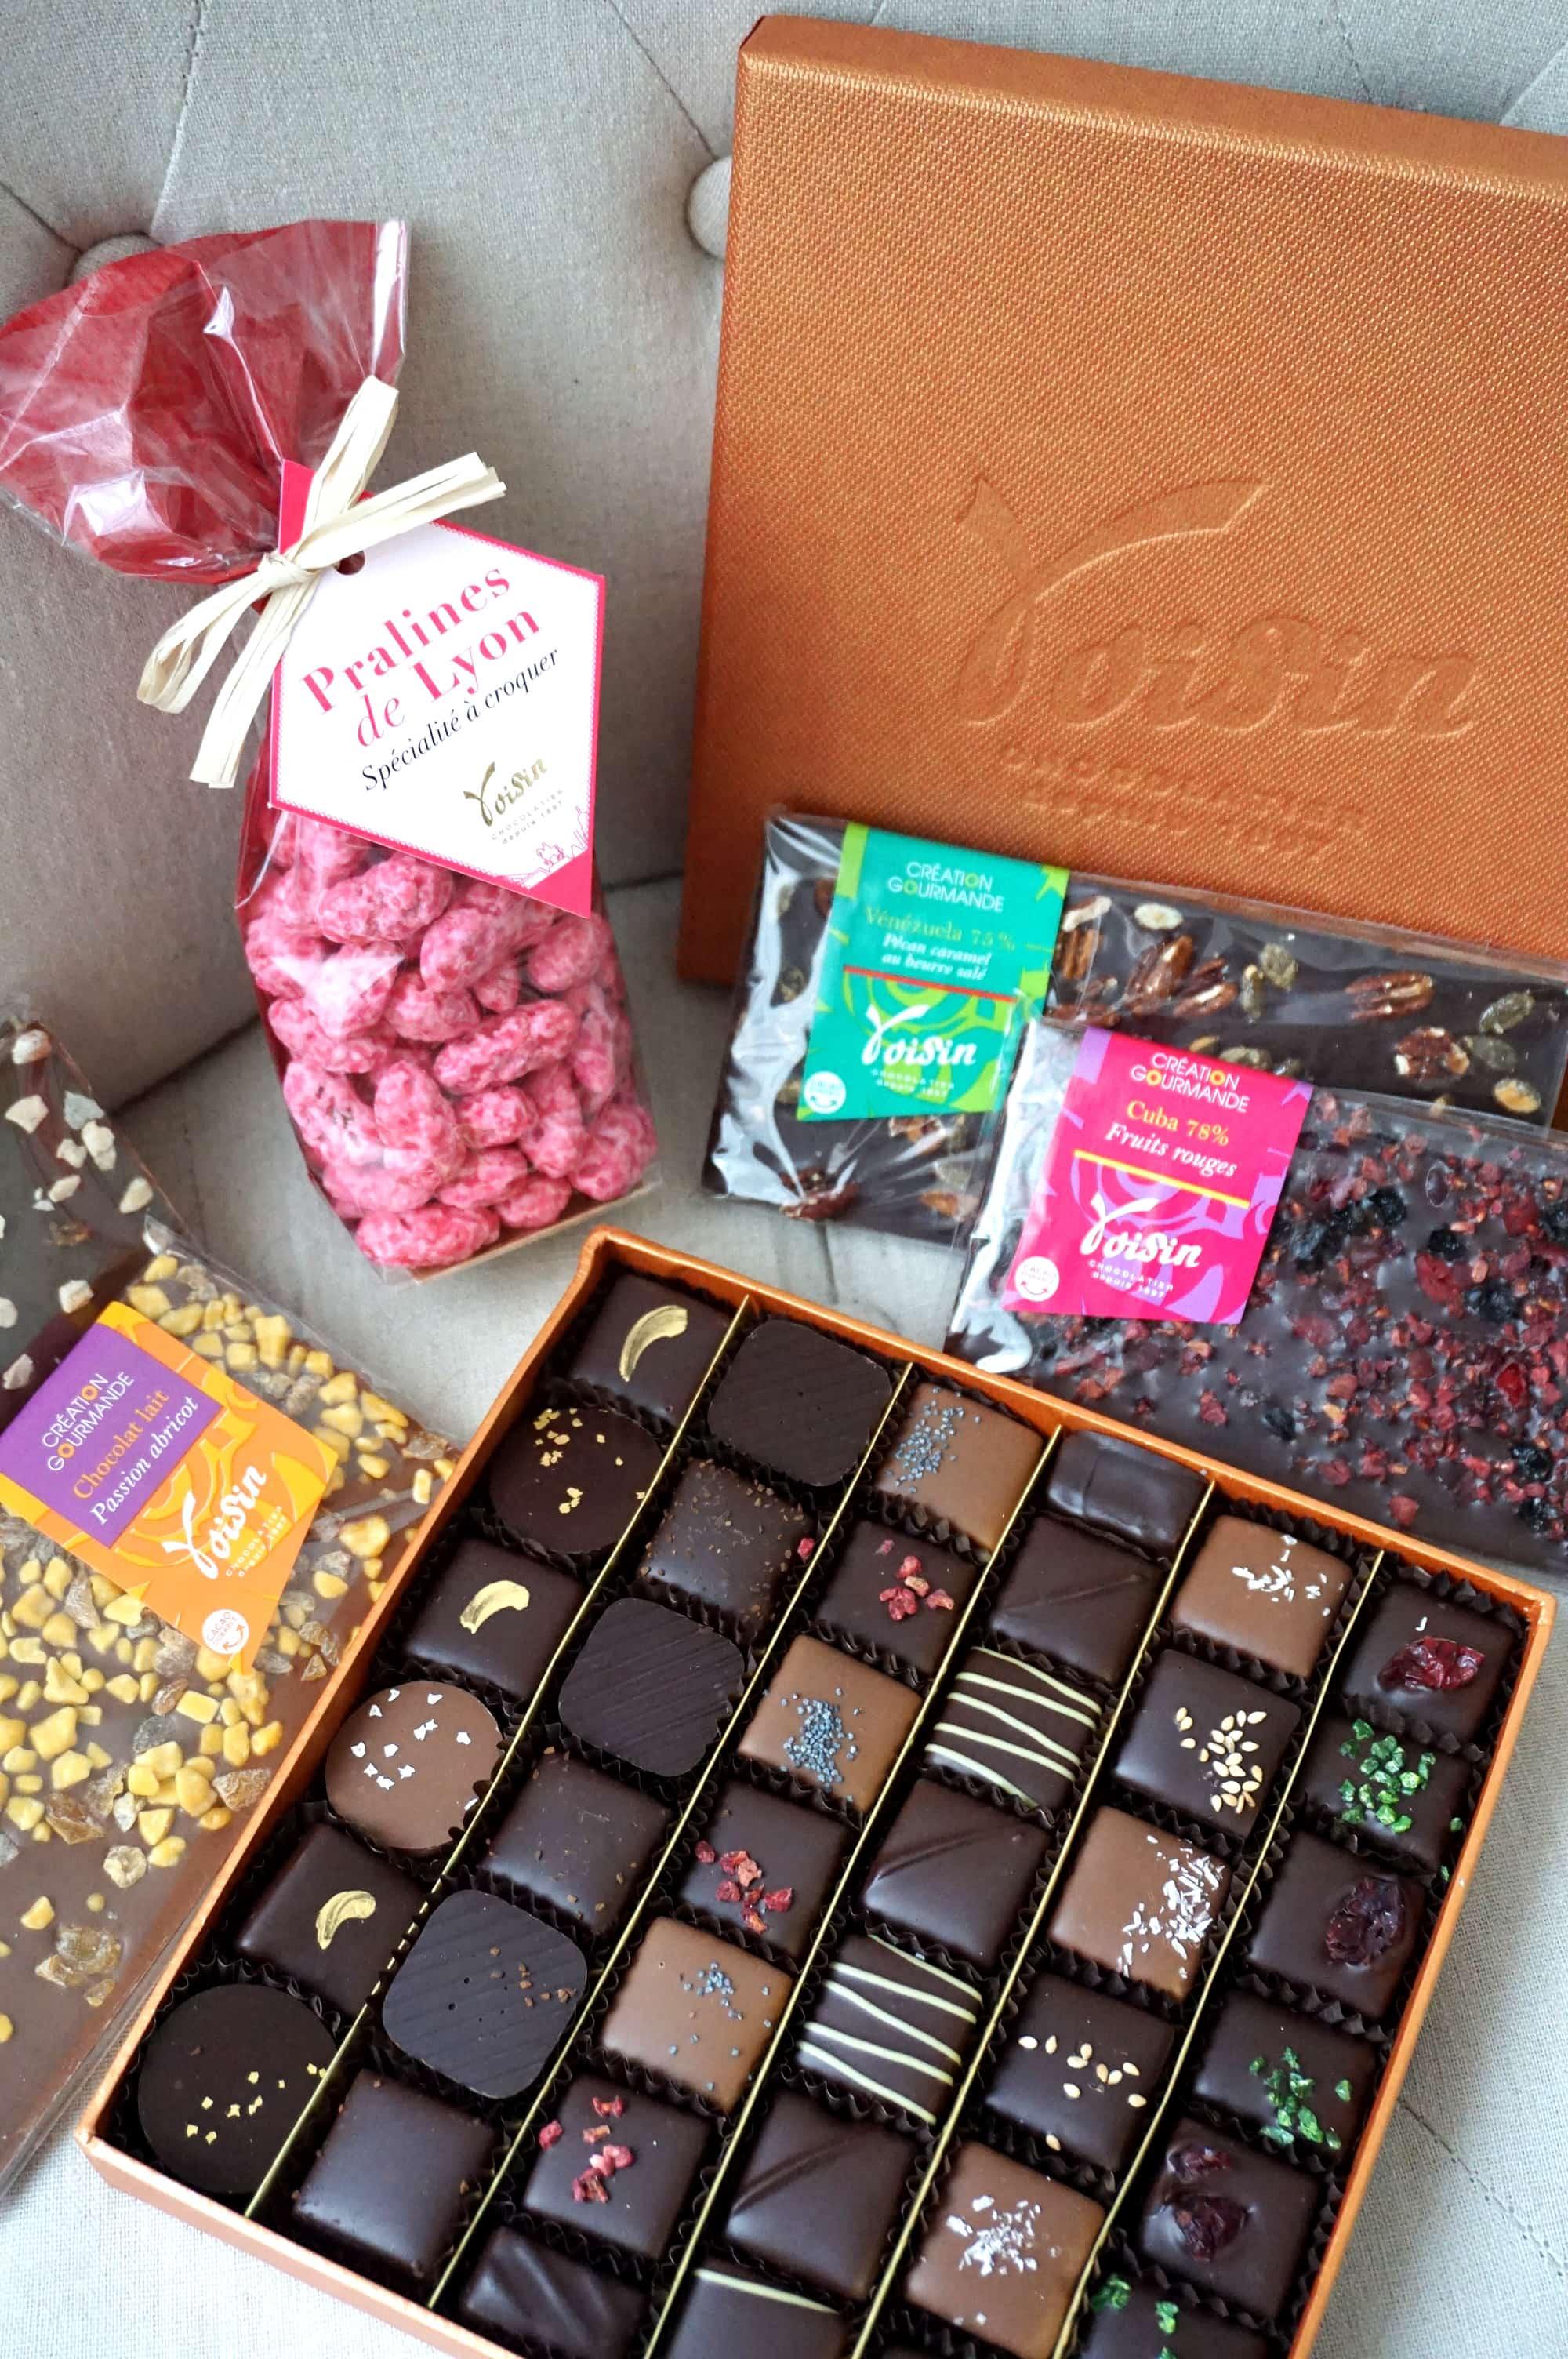 Chocolats Voisin Lyon